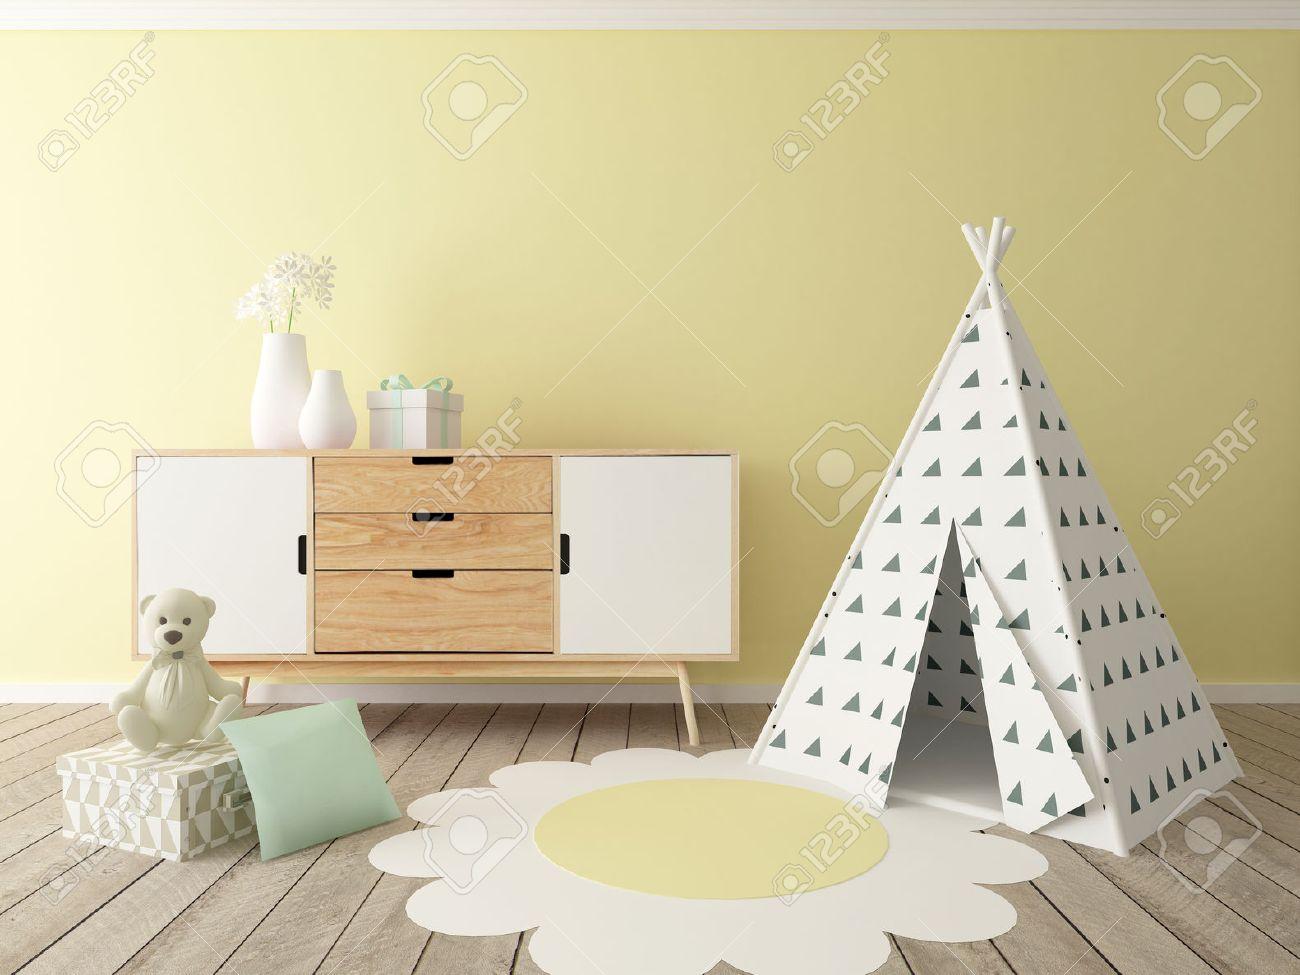 children room interior - 50406934